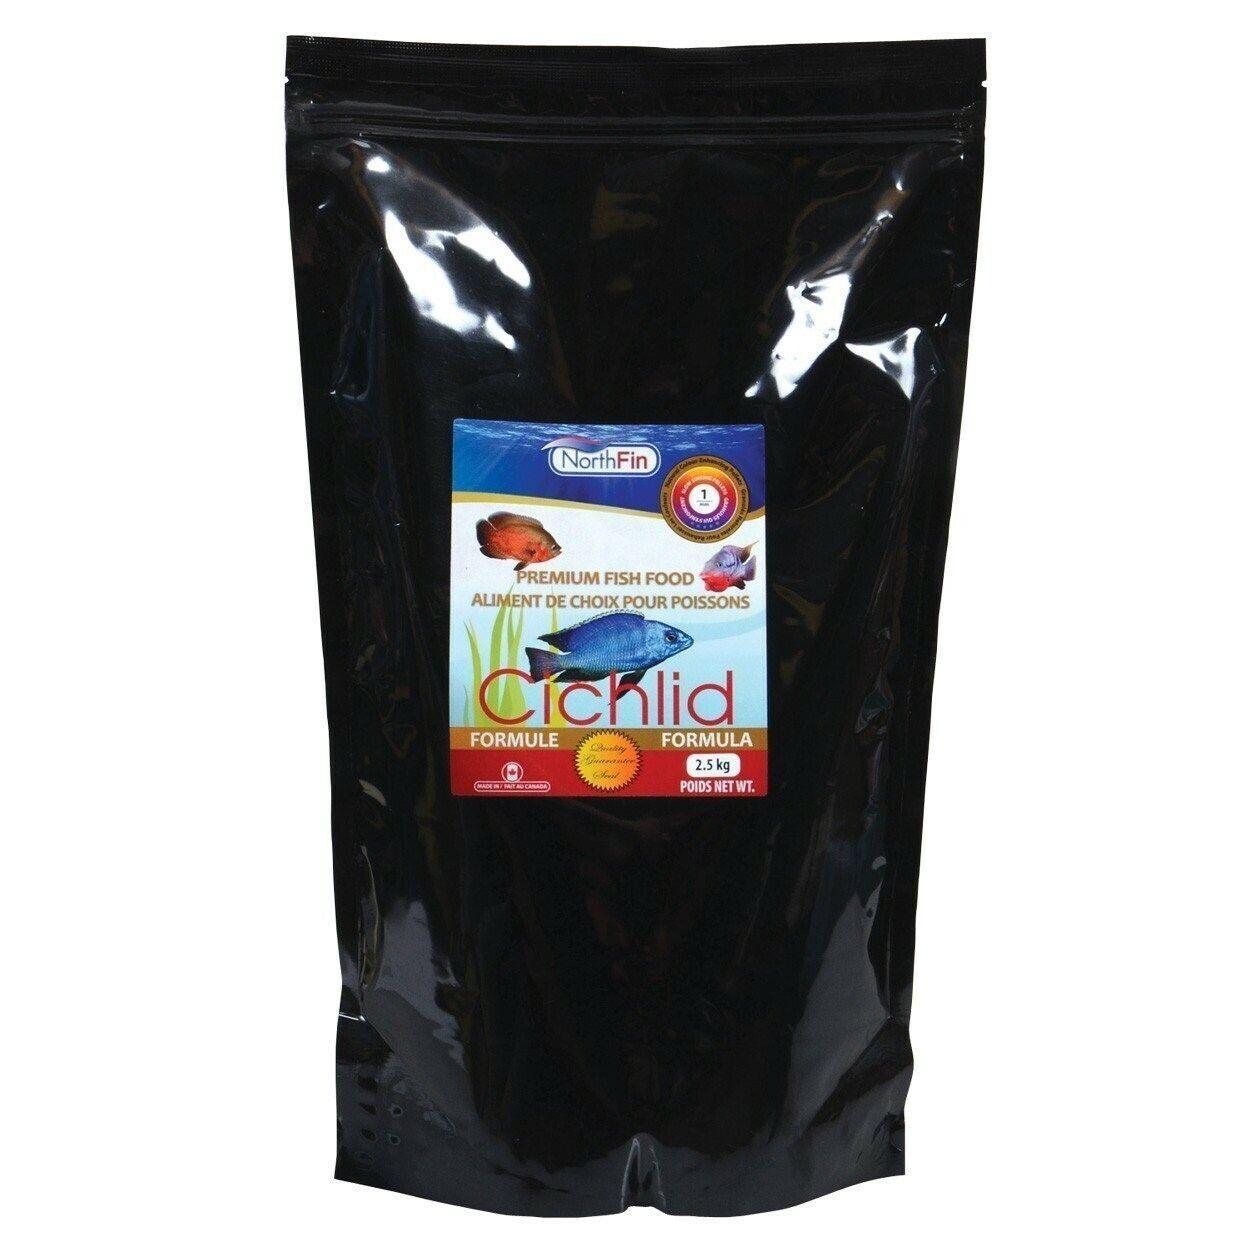 Northfin Ciclide Formula 1mm Pellet 2.5Kg Onnivora Carnivoro Premium Pesce Cibo